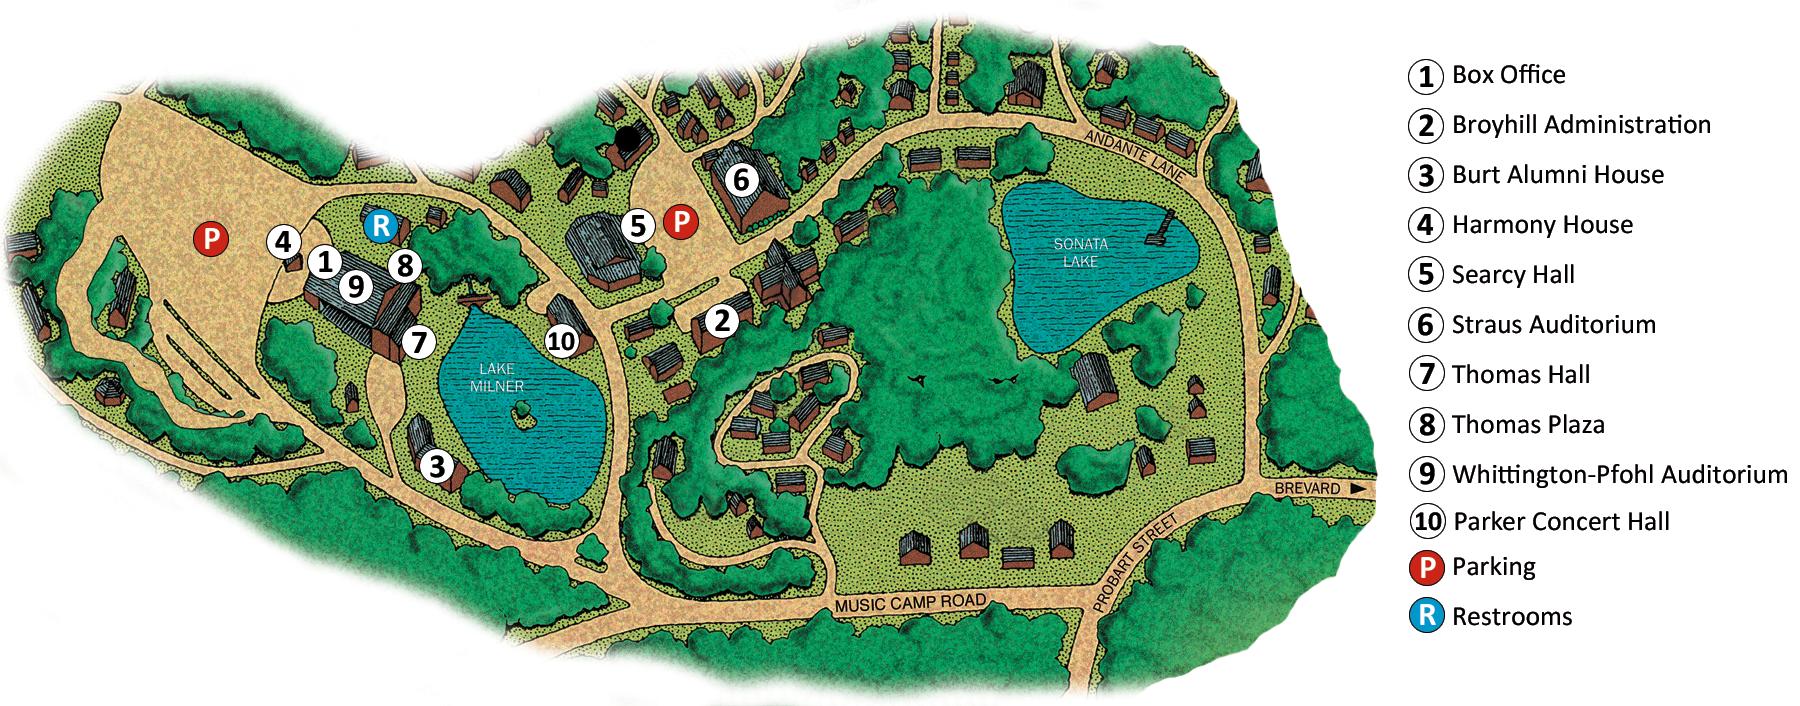 BMC Campus Map